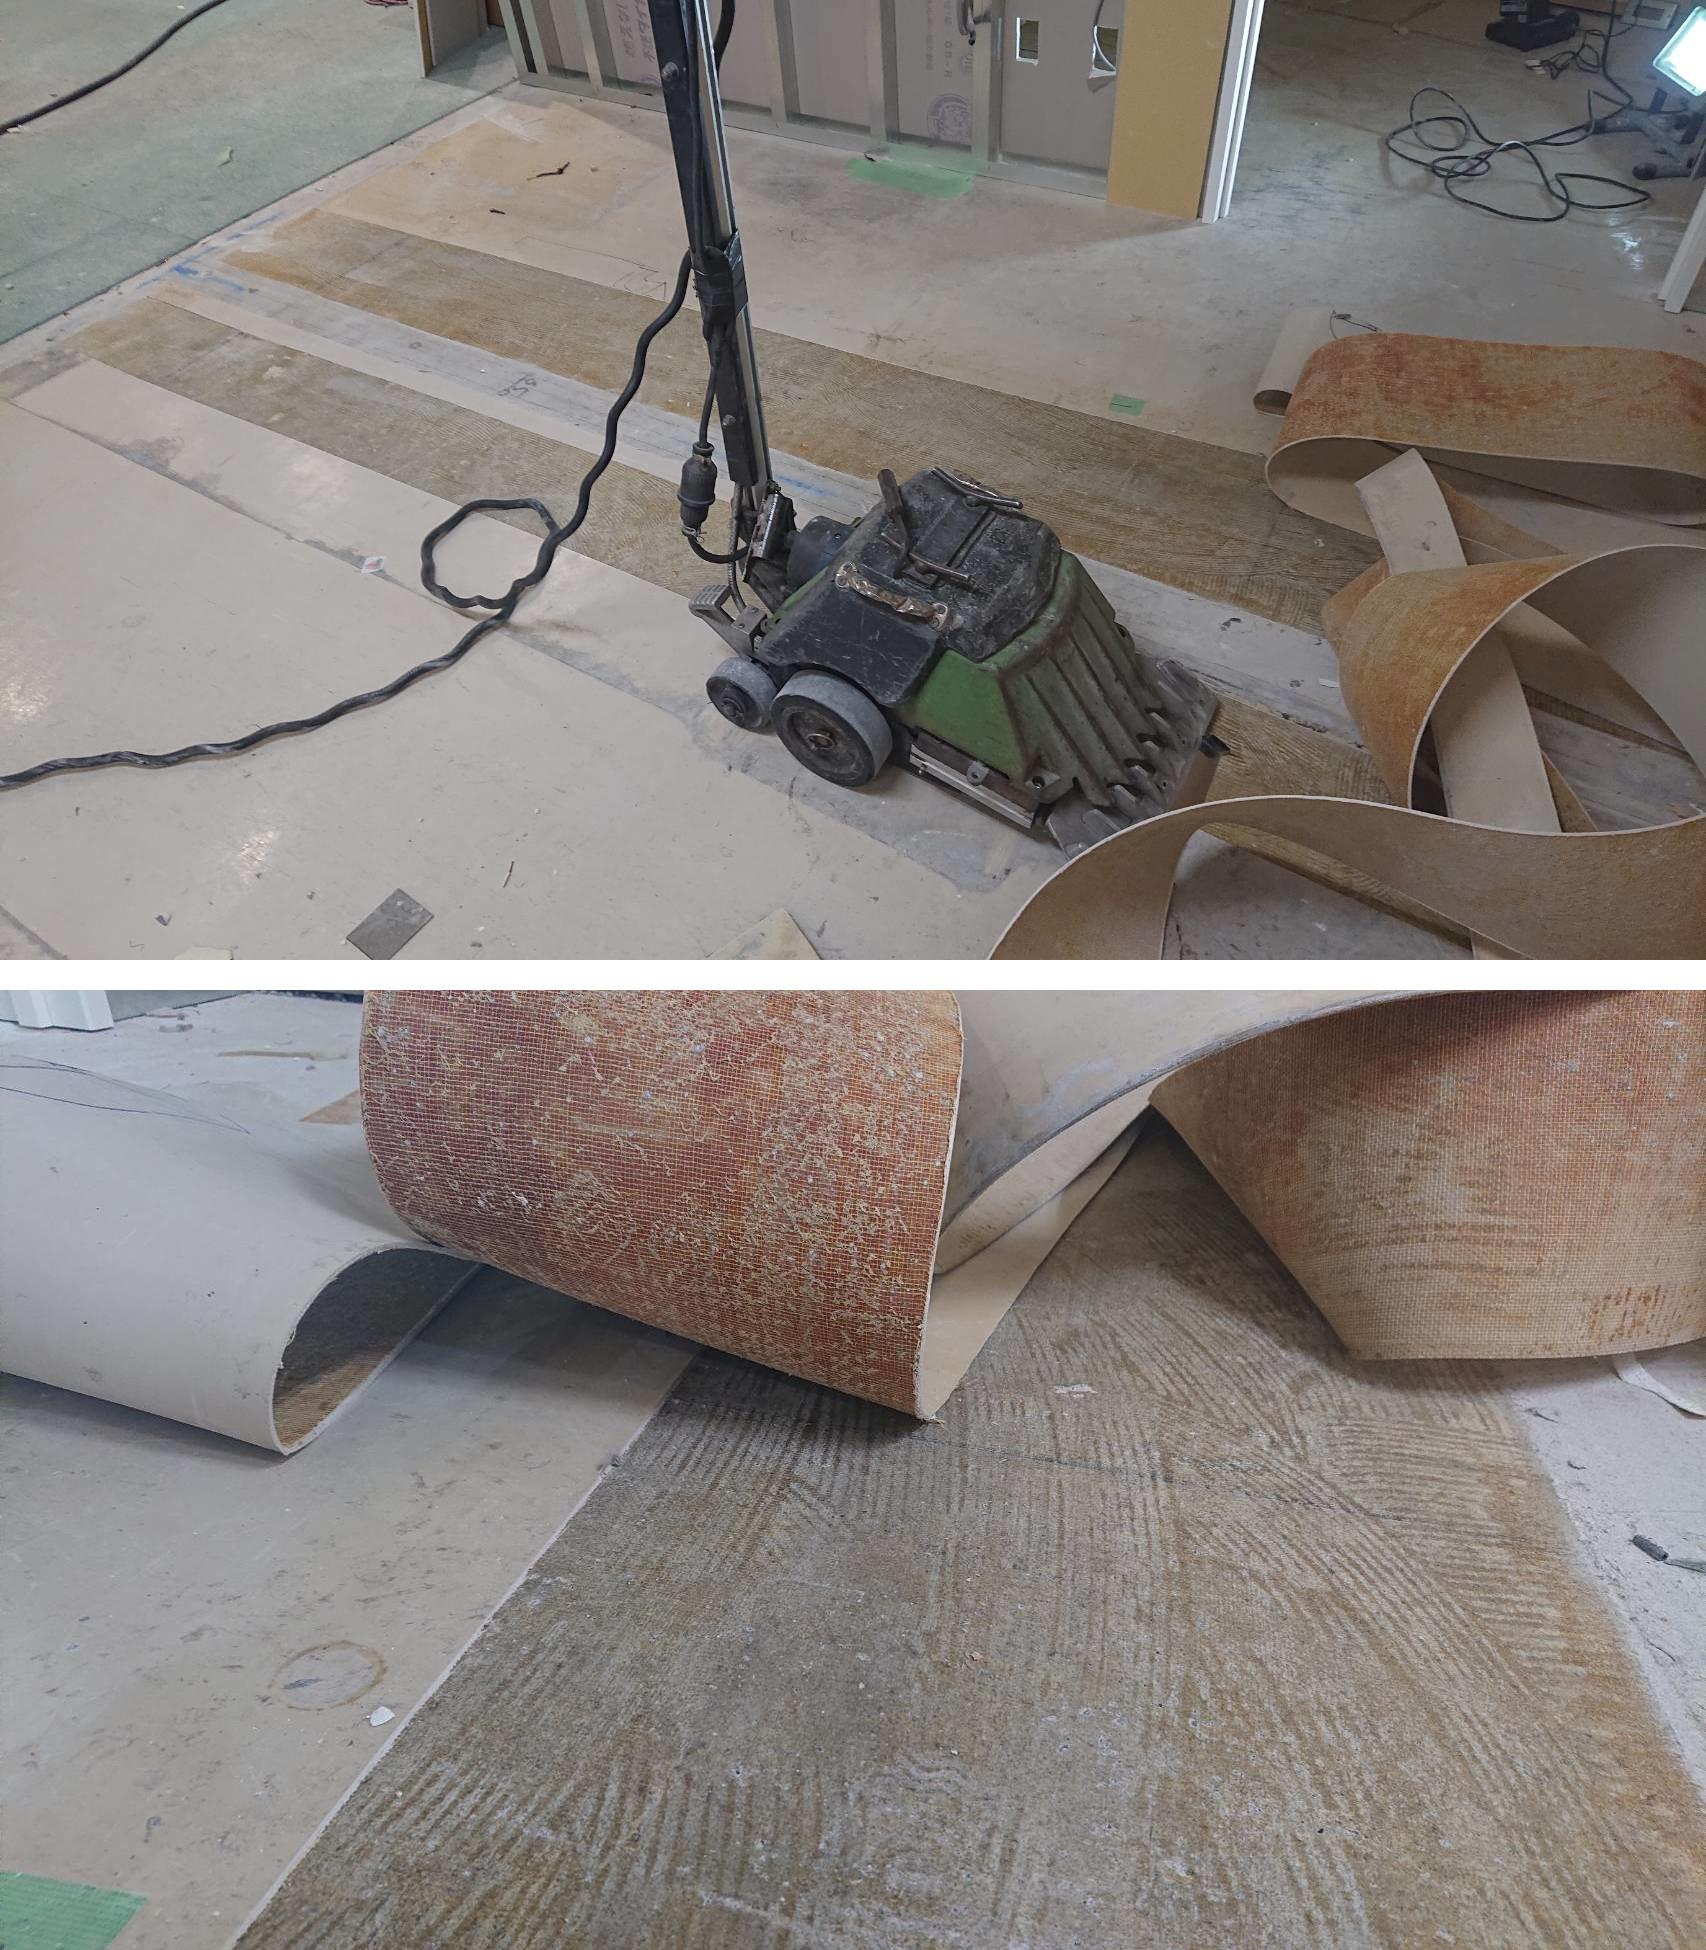 床面剥がし機『ターボストリッパー』で長尺シートを除去。